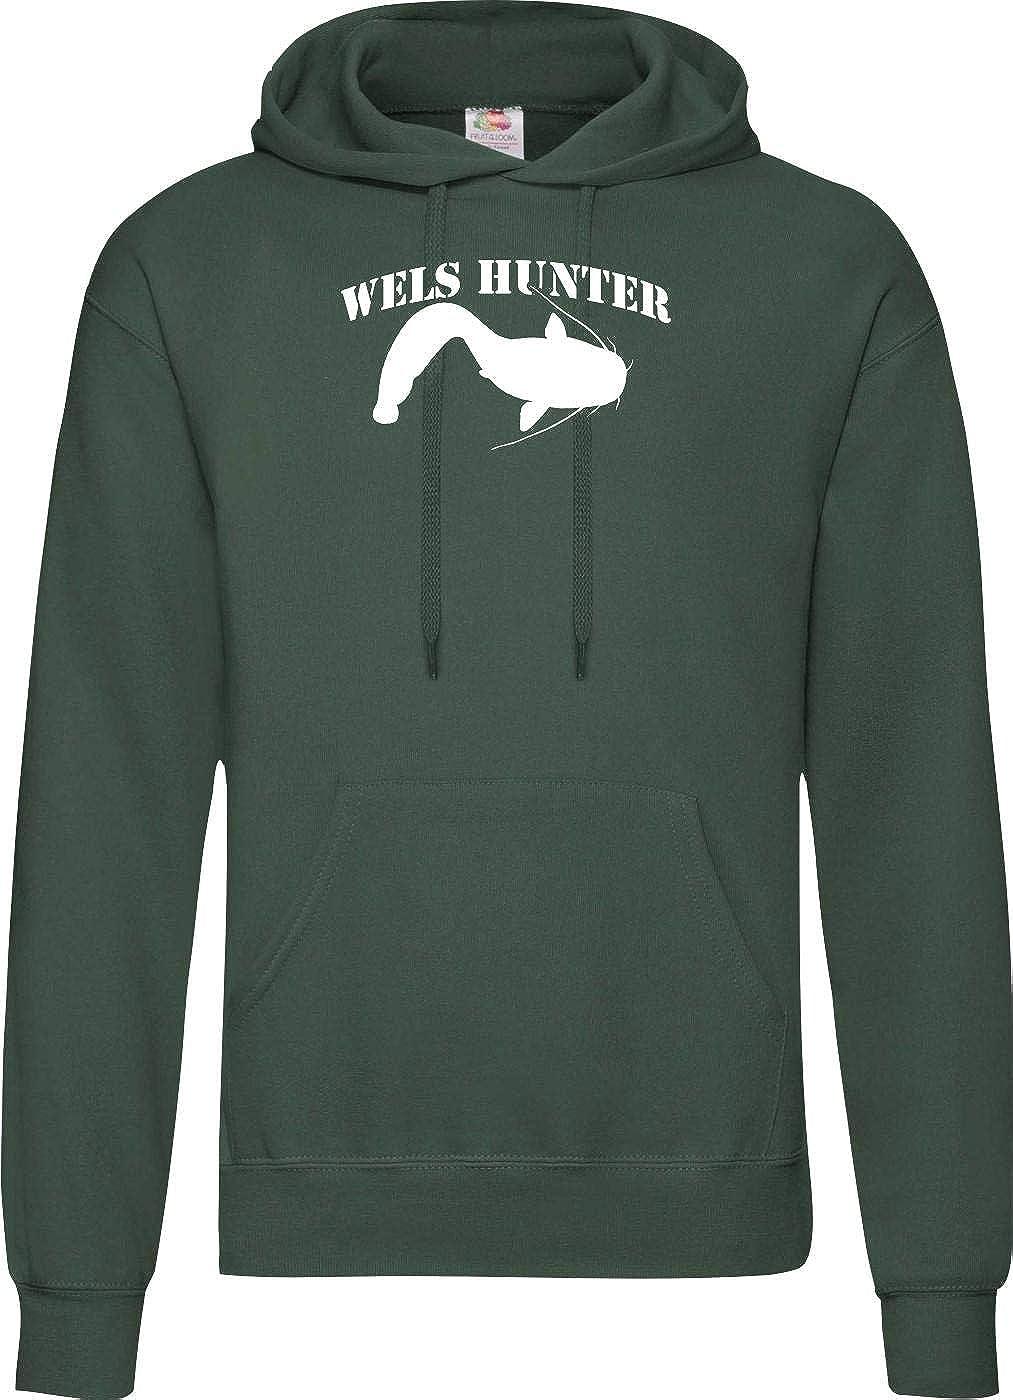 Shirtinstyle Kapu College Hooded Wels Hunter Angeln Fischen Sport